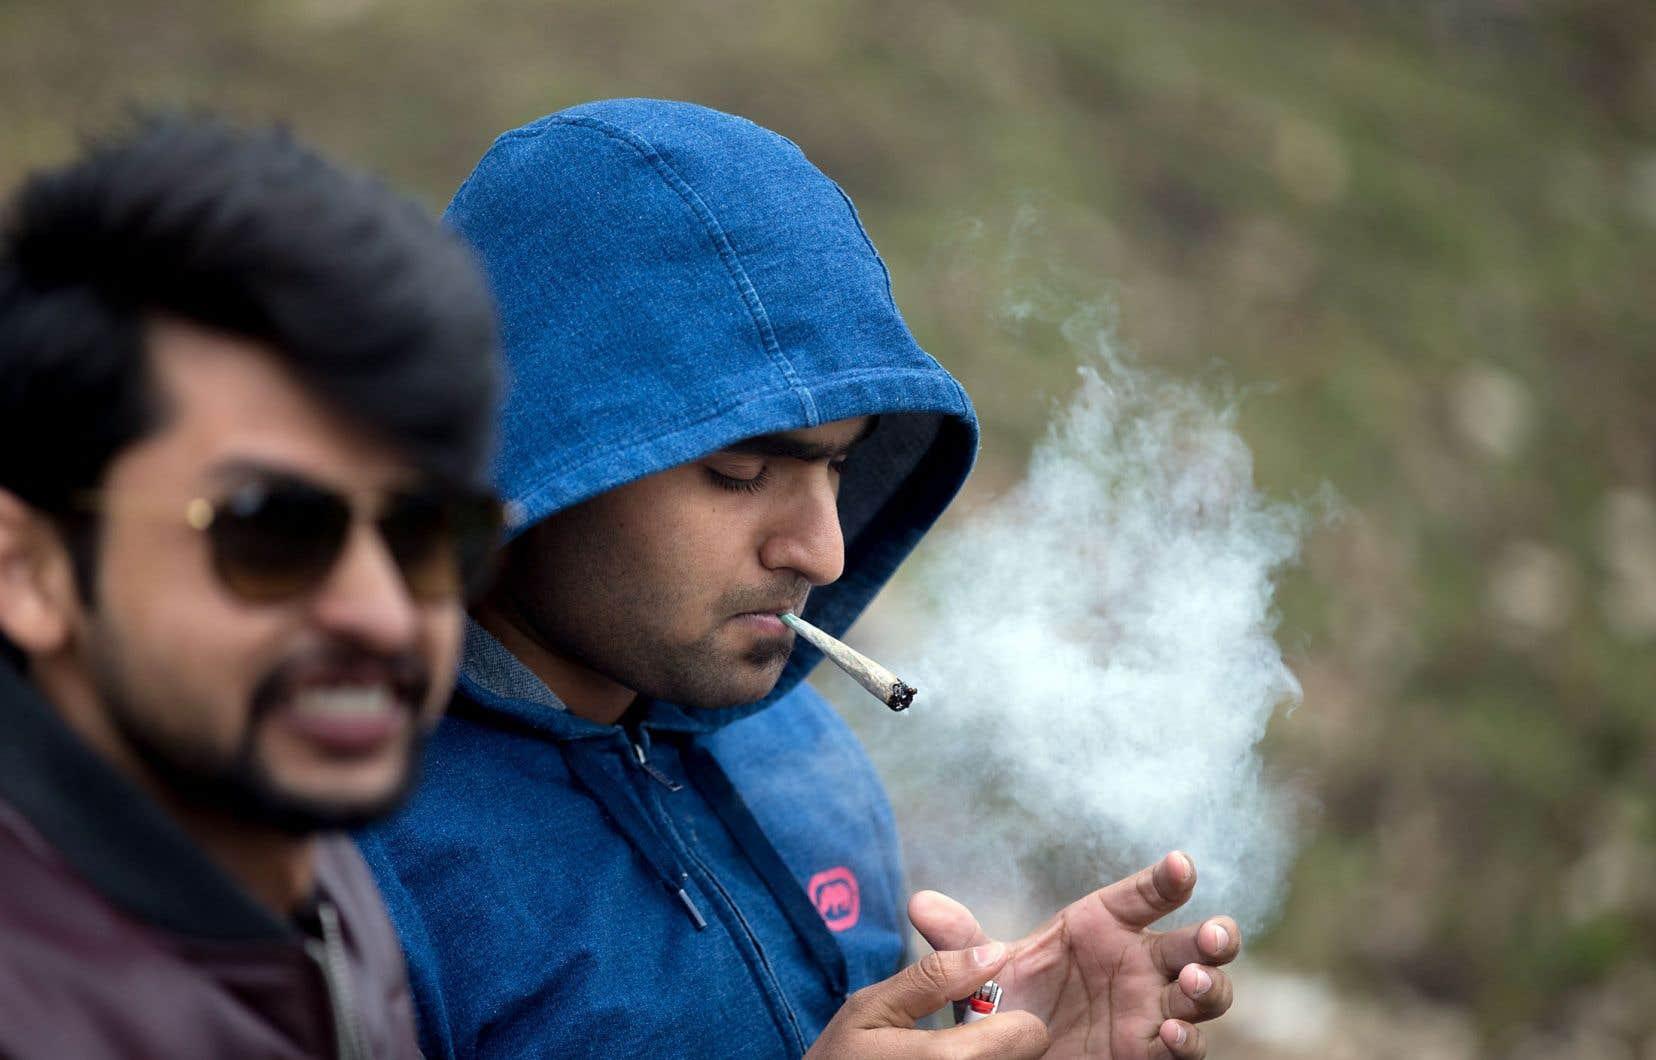 Le débat sur la légalisation du cannabis et les risques que cette drogue peut représenter pour les jeunes adultes soulève les passions.